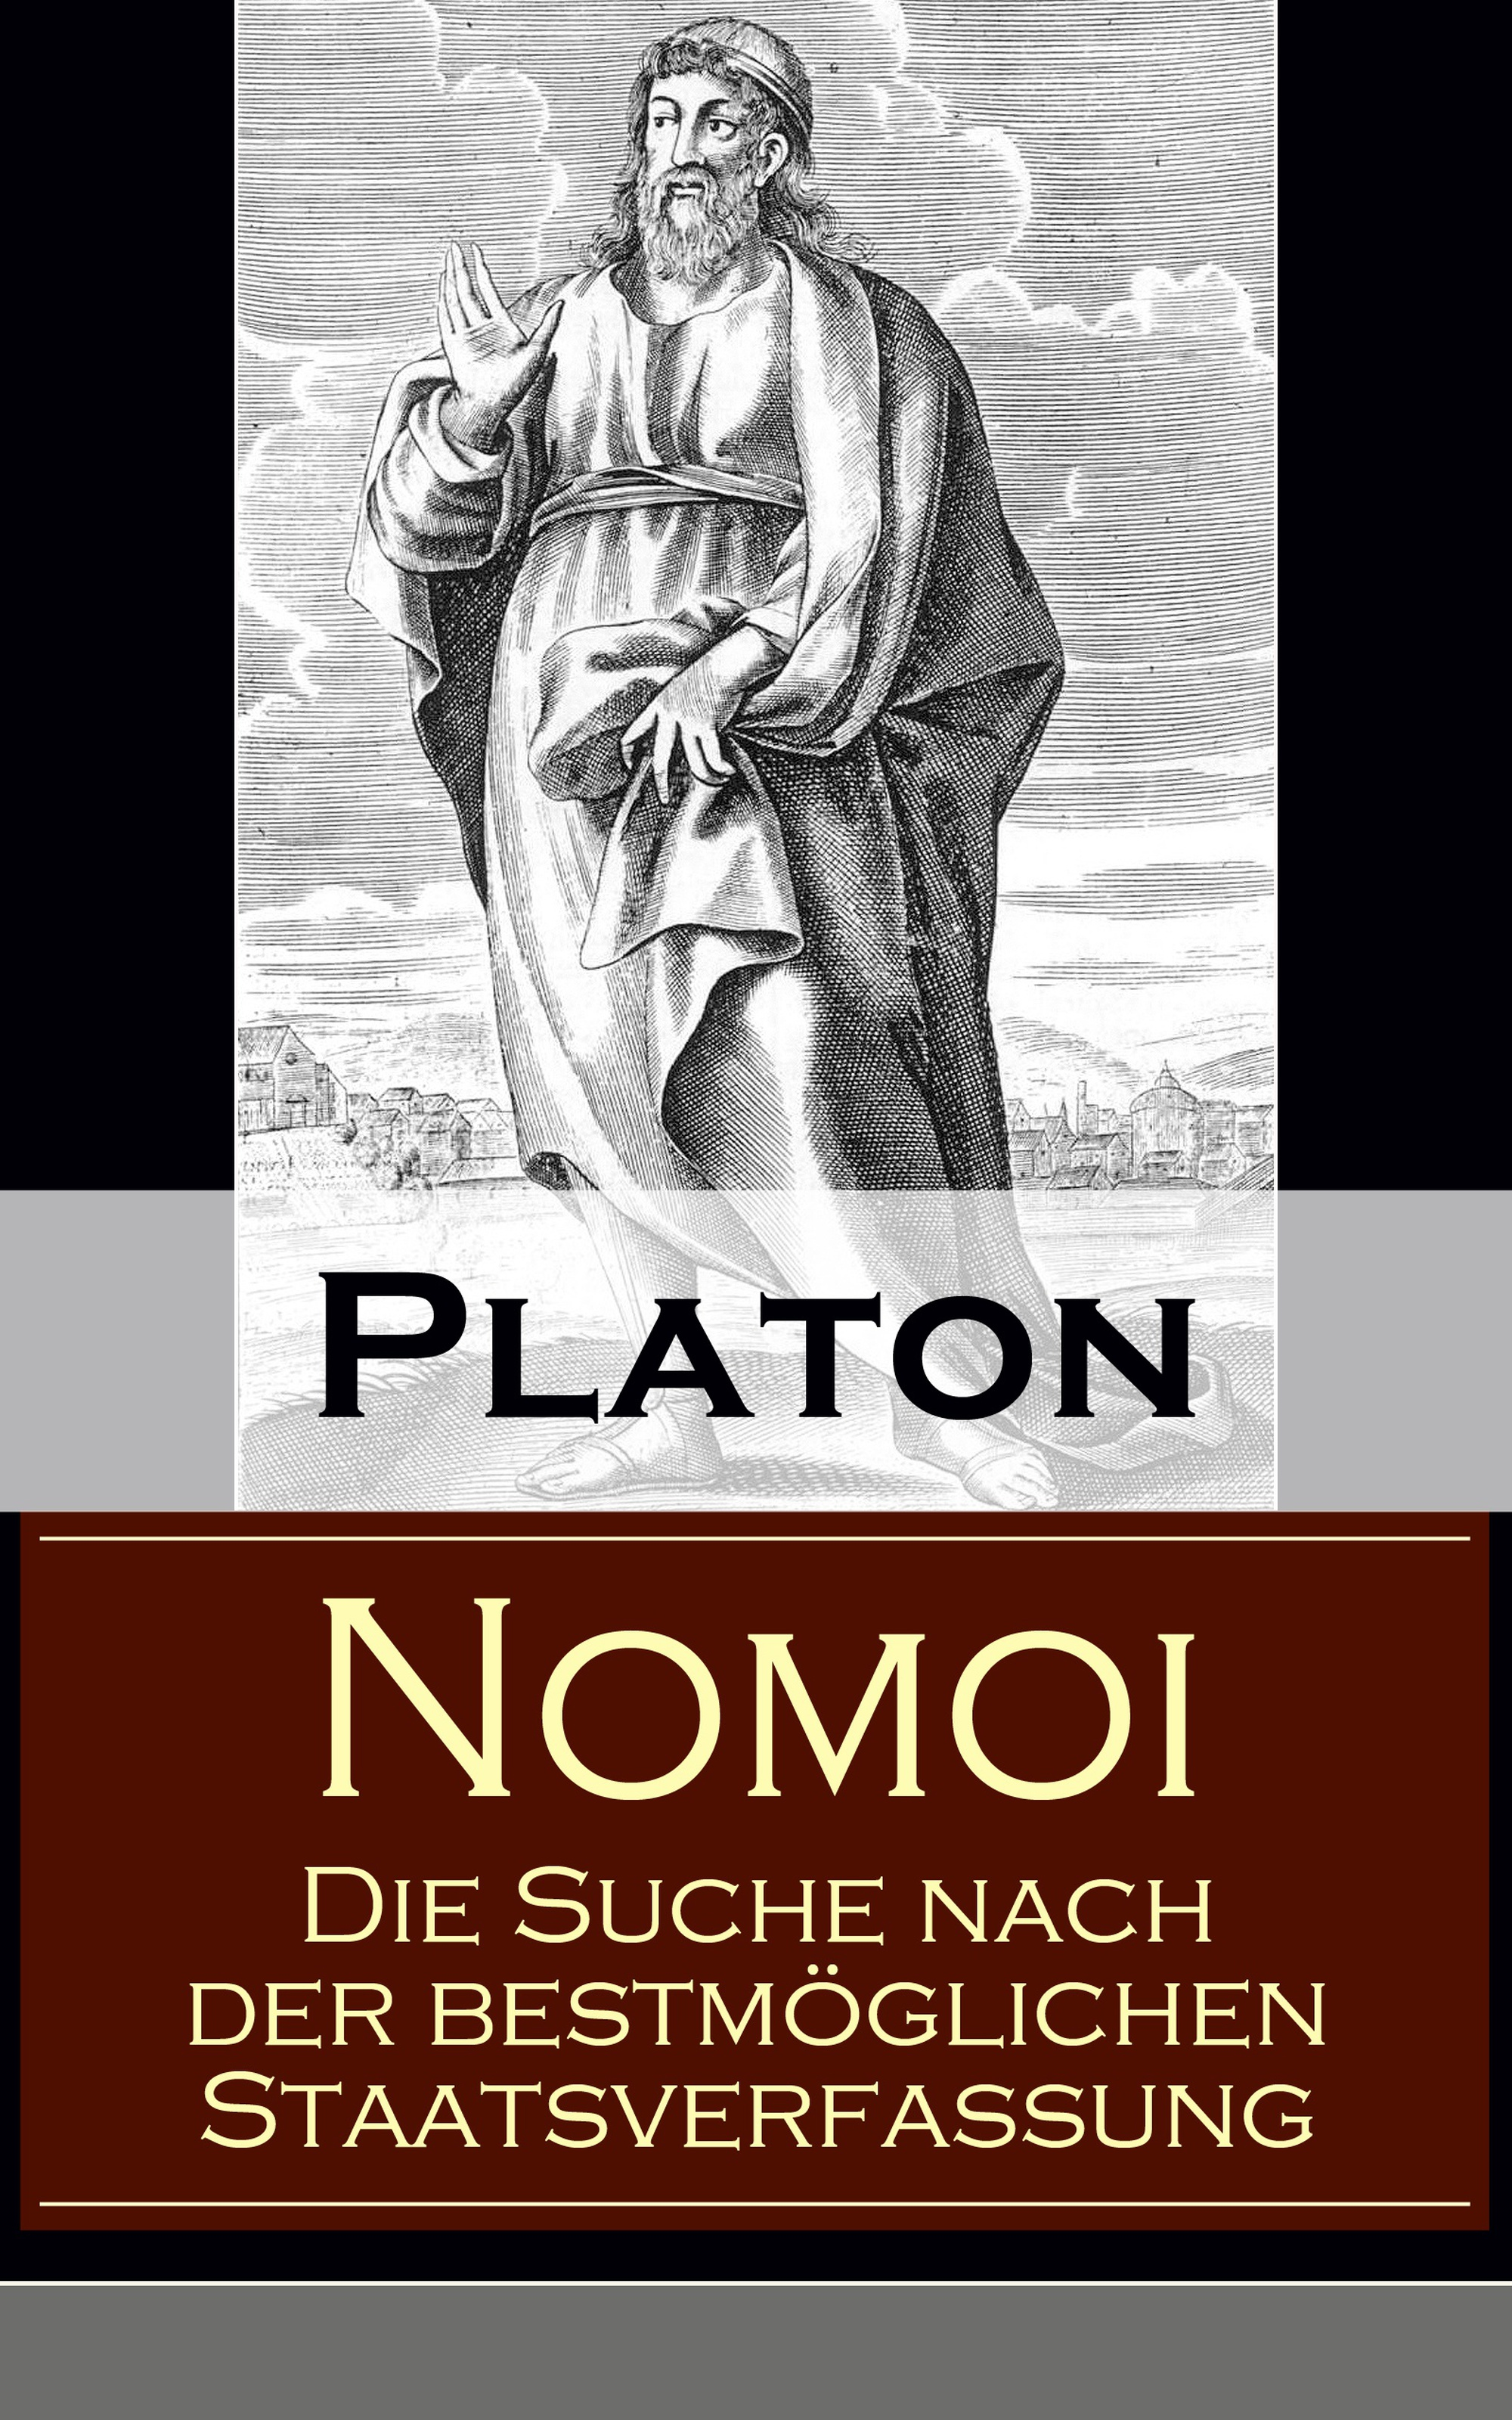 Platon Nomoi - Die Suche nach der bestmöglichen Staatsverfassung kunst auf der suche nach der nation